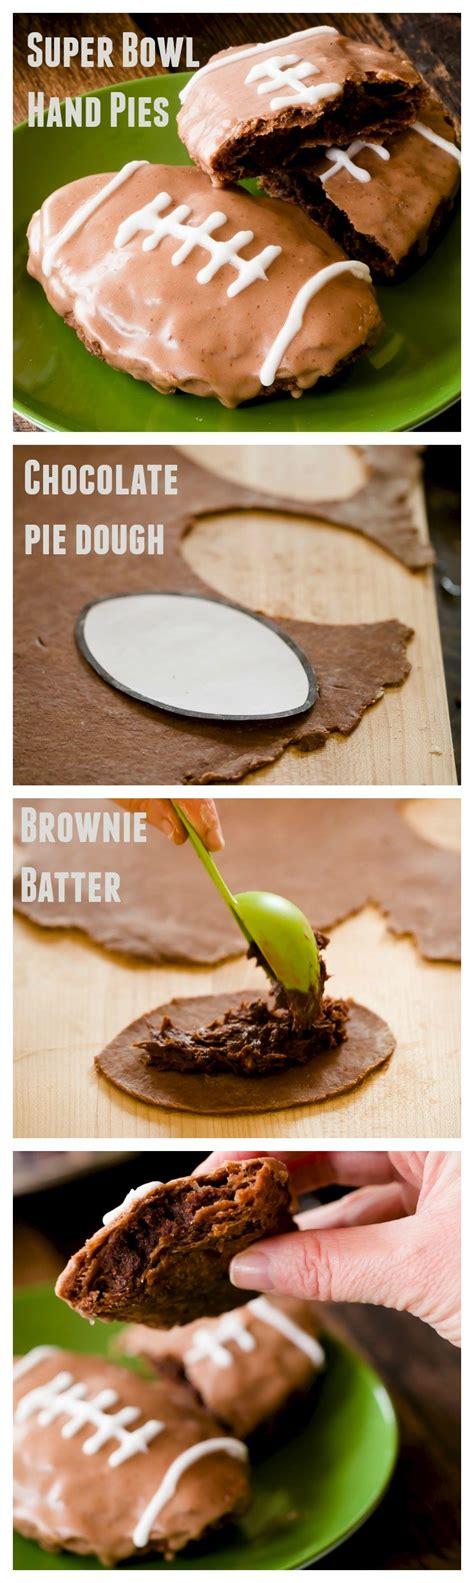 Big Pie Brownis fried bowl brownie pies cupcake project